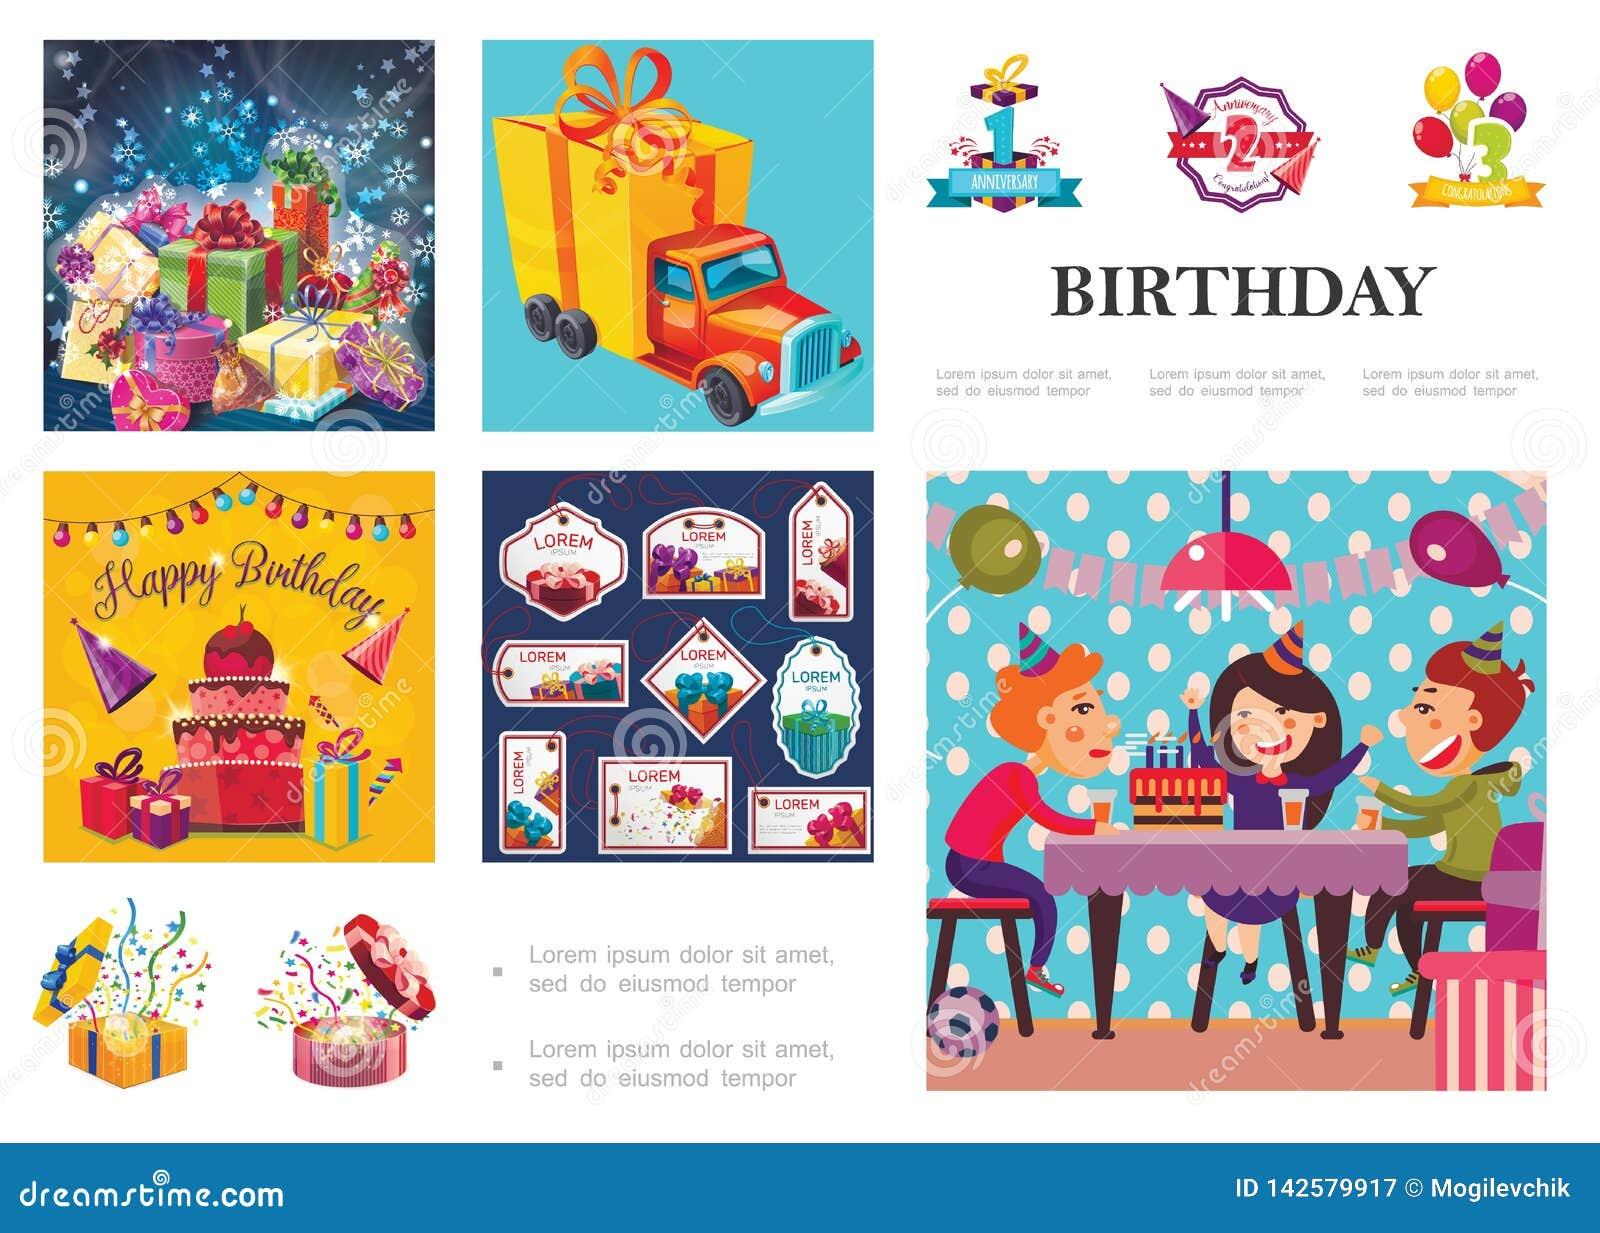 Σύνθεση γιορτής γενεθλίων